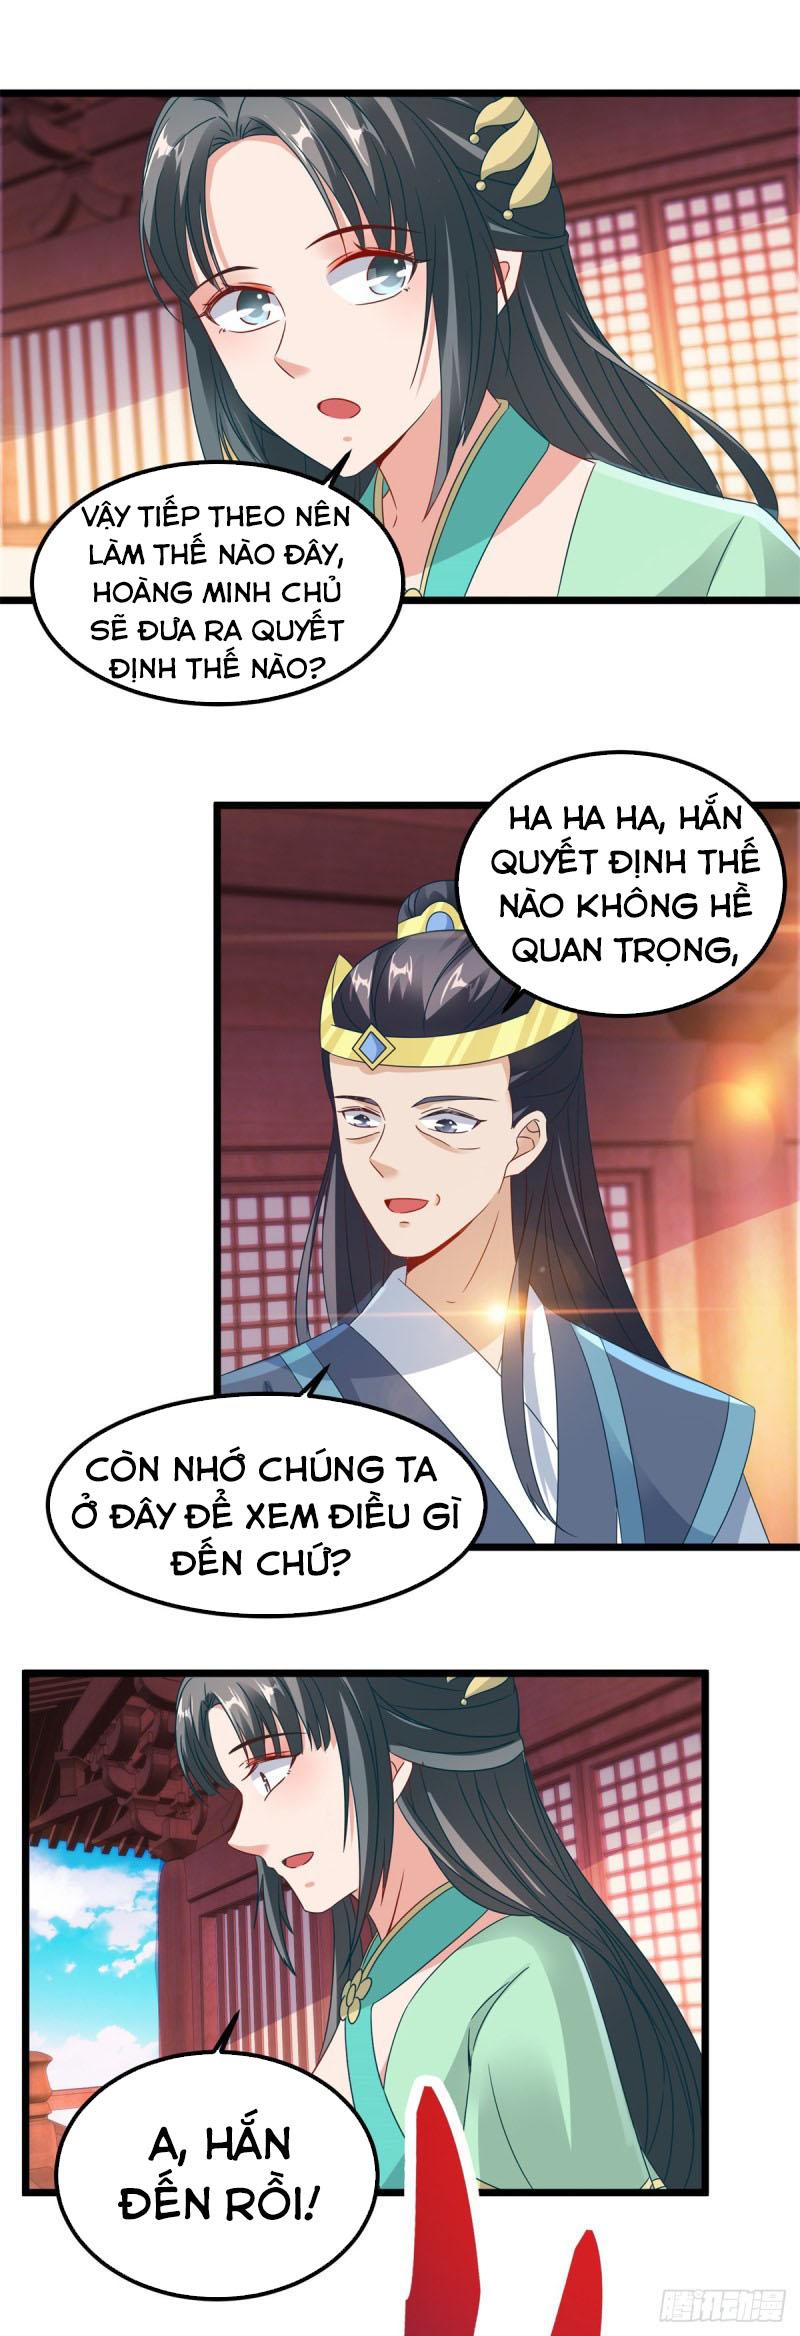 Thần Hồn Võ Đế chap 106 - Trang 25